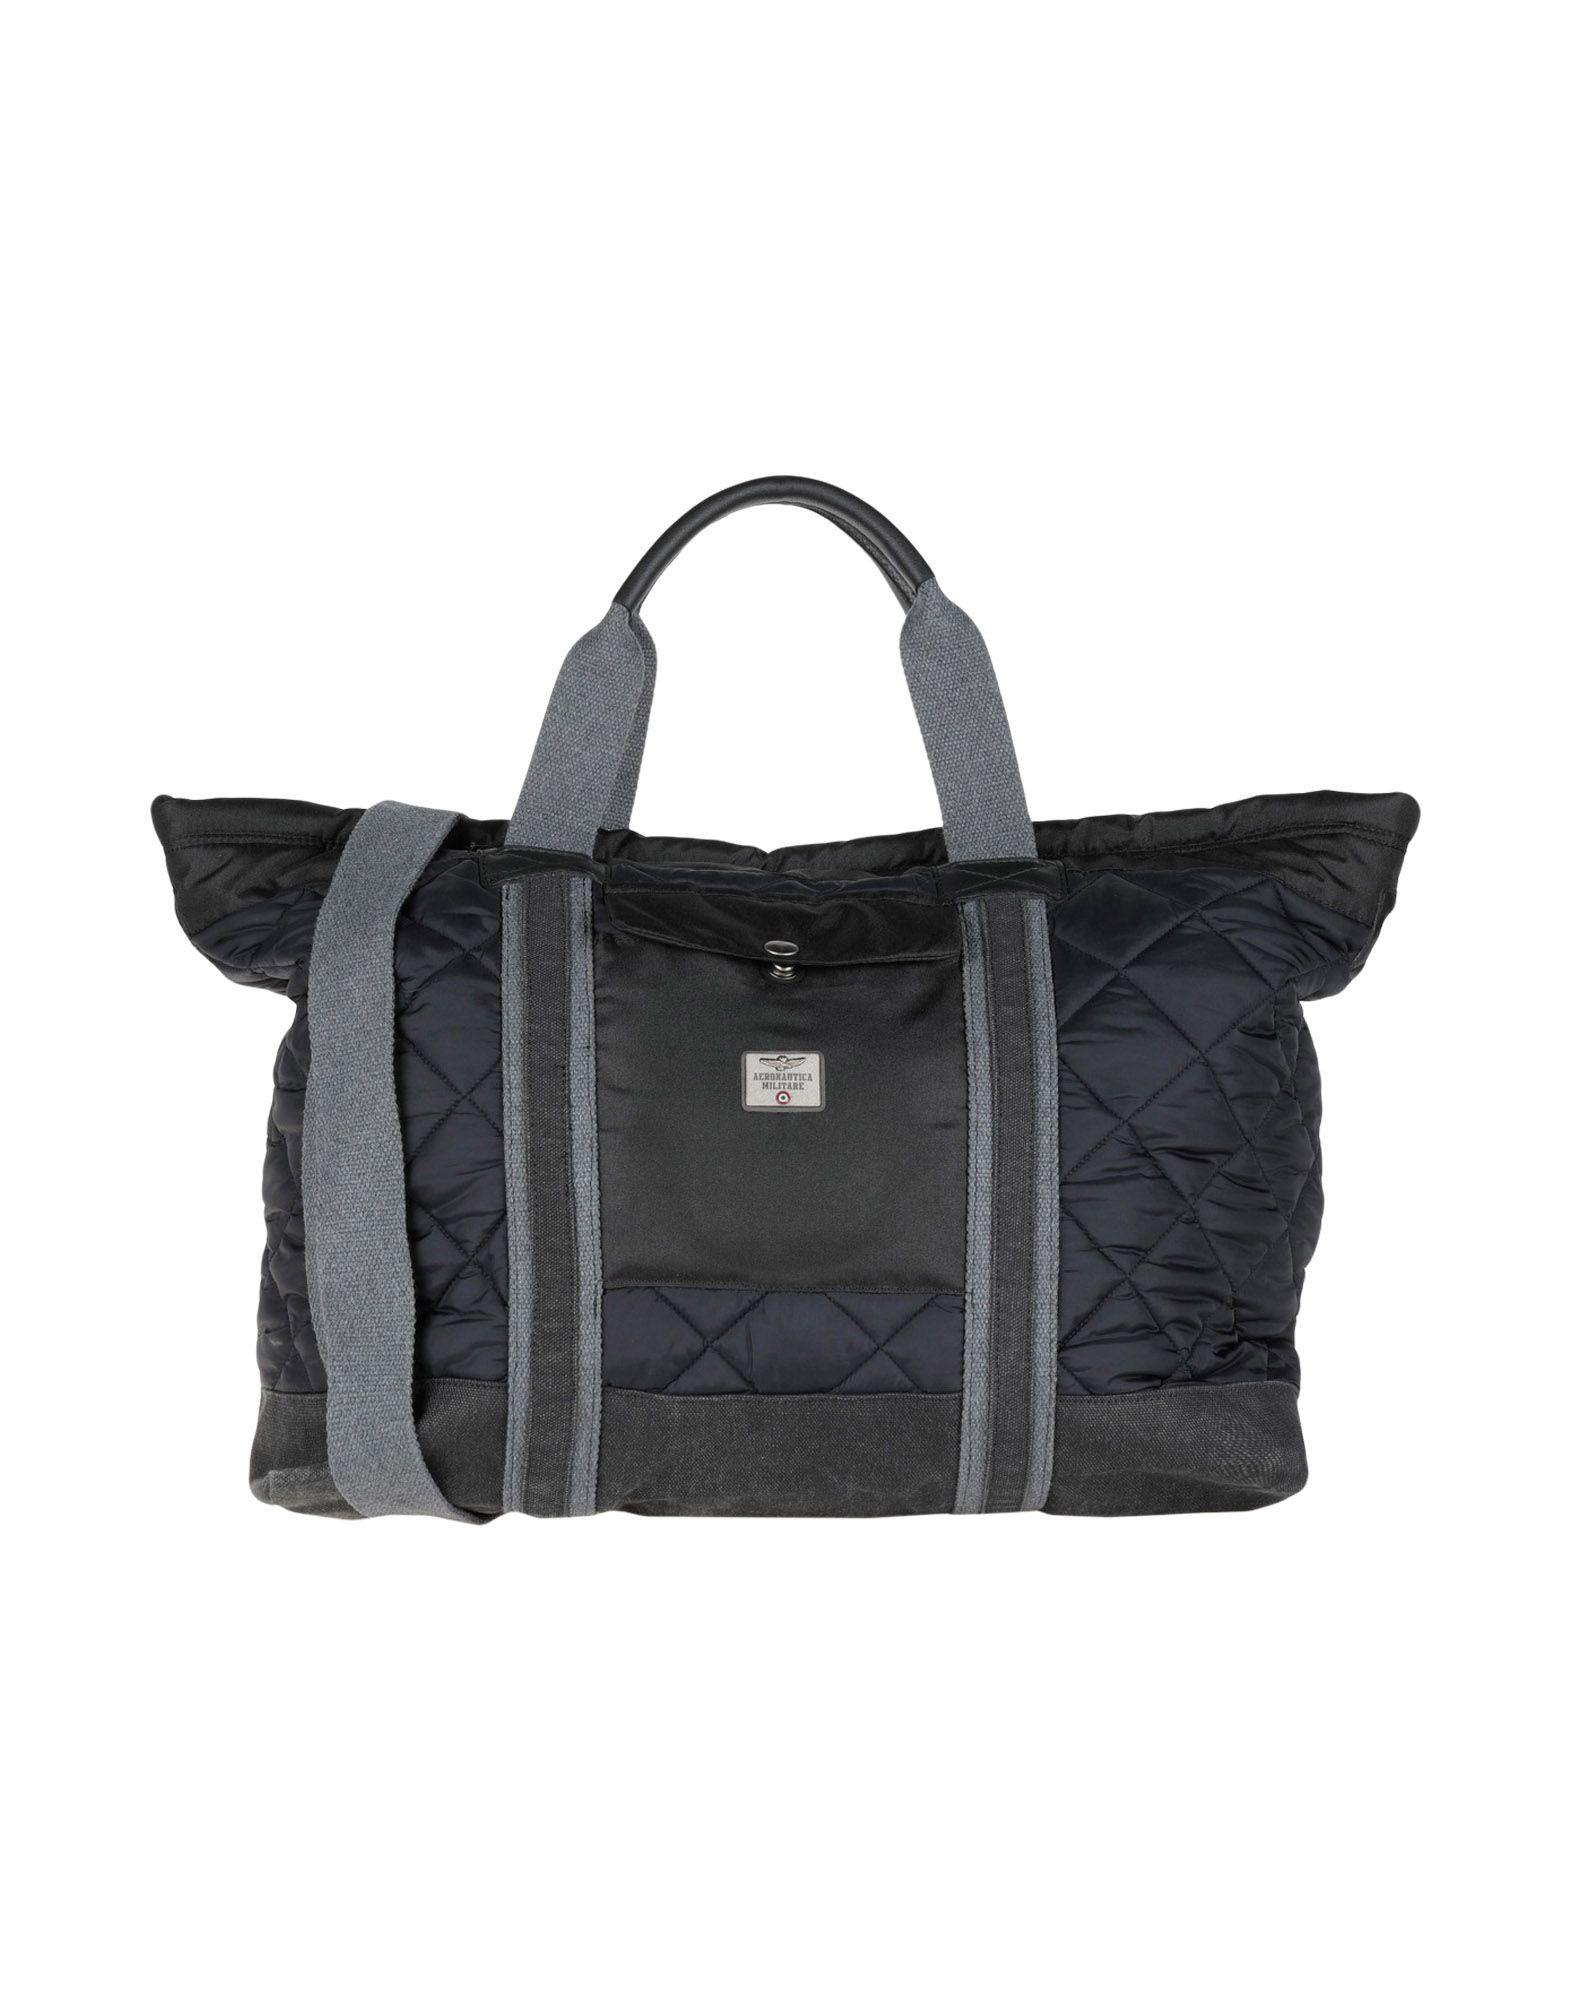 《送料無料》AERONAUTICA MILITARE メンズ 旅行バッグ ブラック 紡績繊維